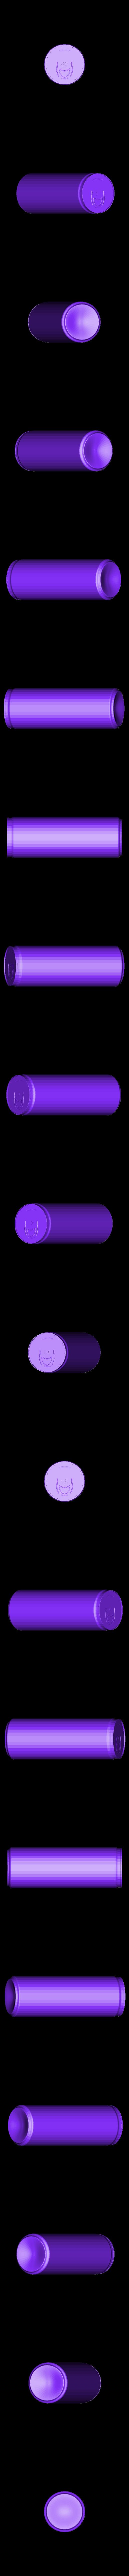 can.stl Télécharger fichier STL gratuit Slim Can • Design à imprimer en 3D, M3Dr